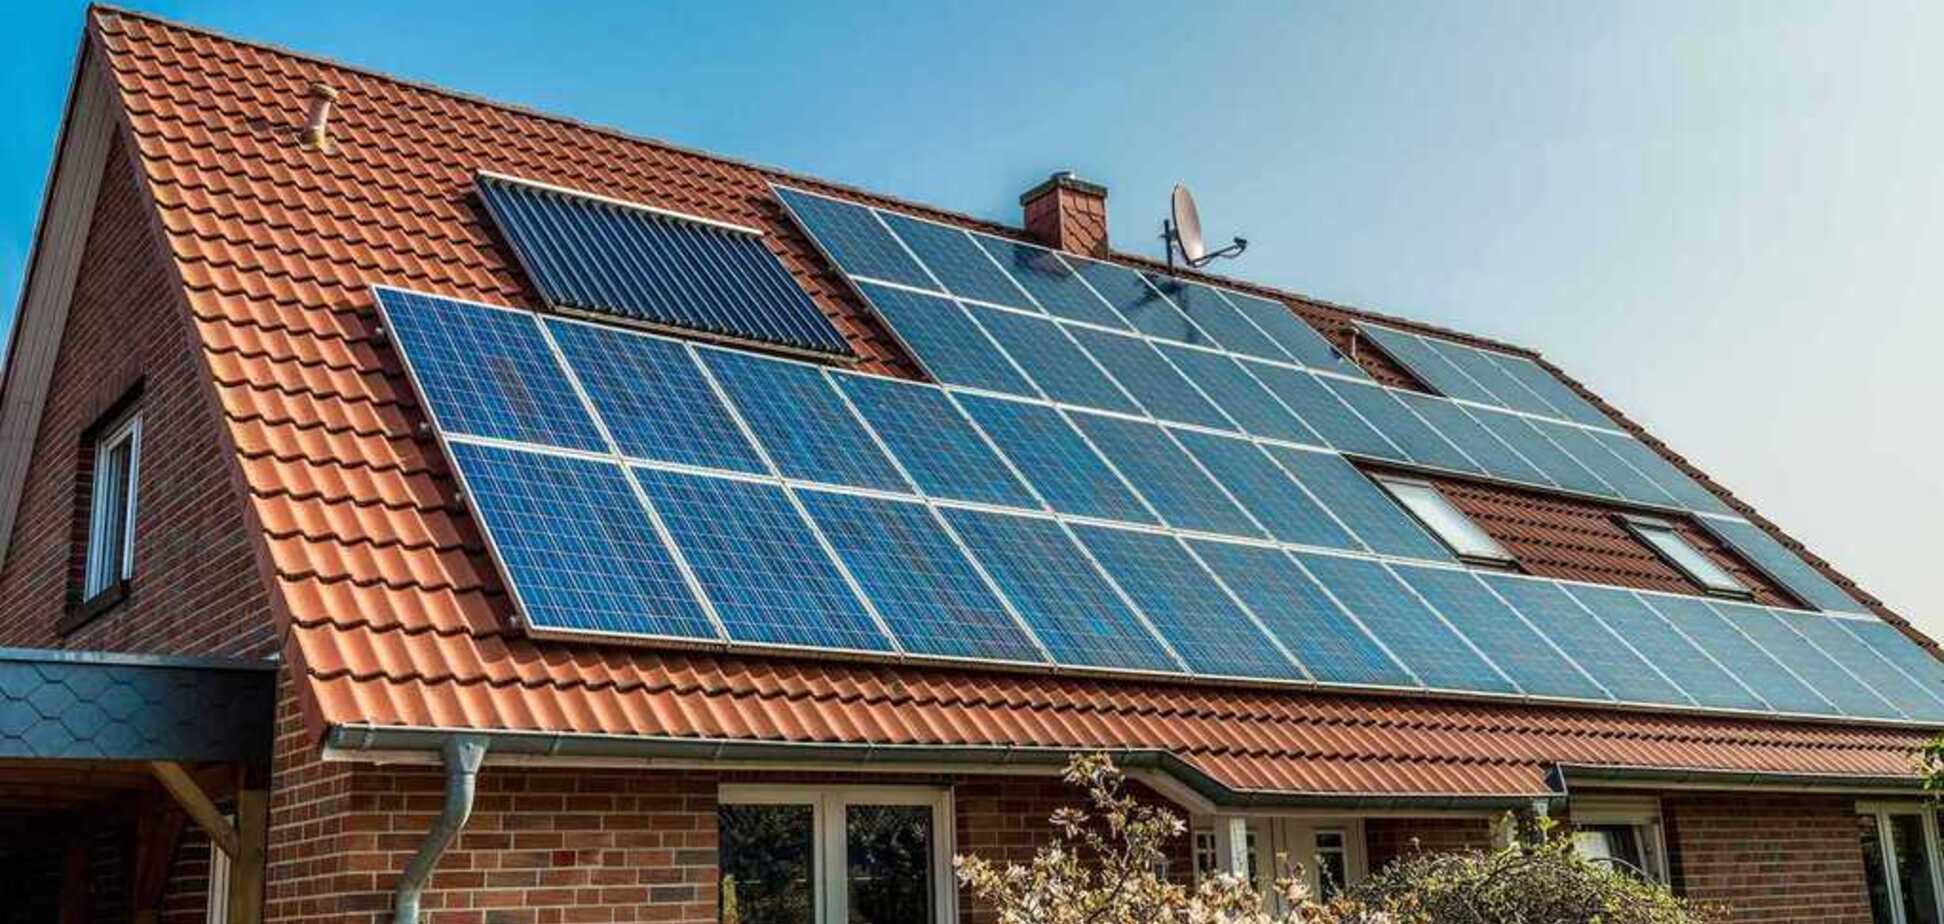 Сонячні батареї в будинку: українцям пояснили вигоду альтернативної енергетики